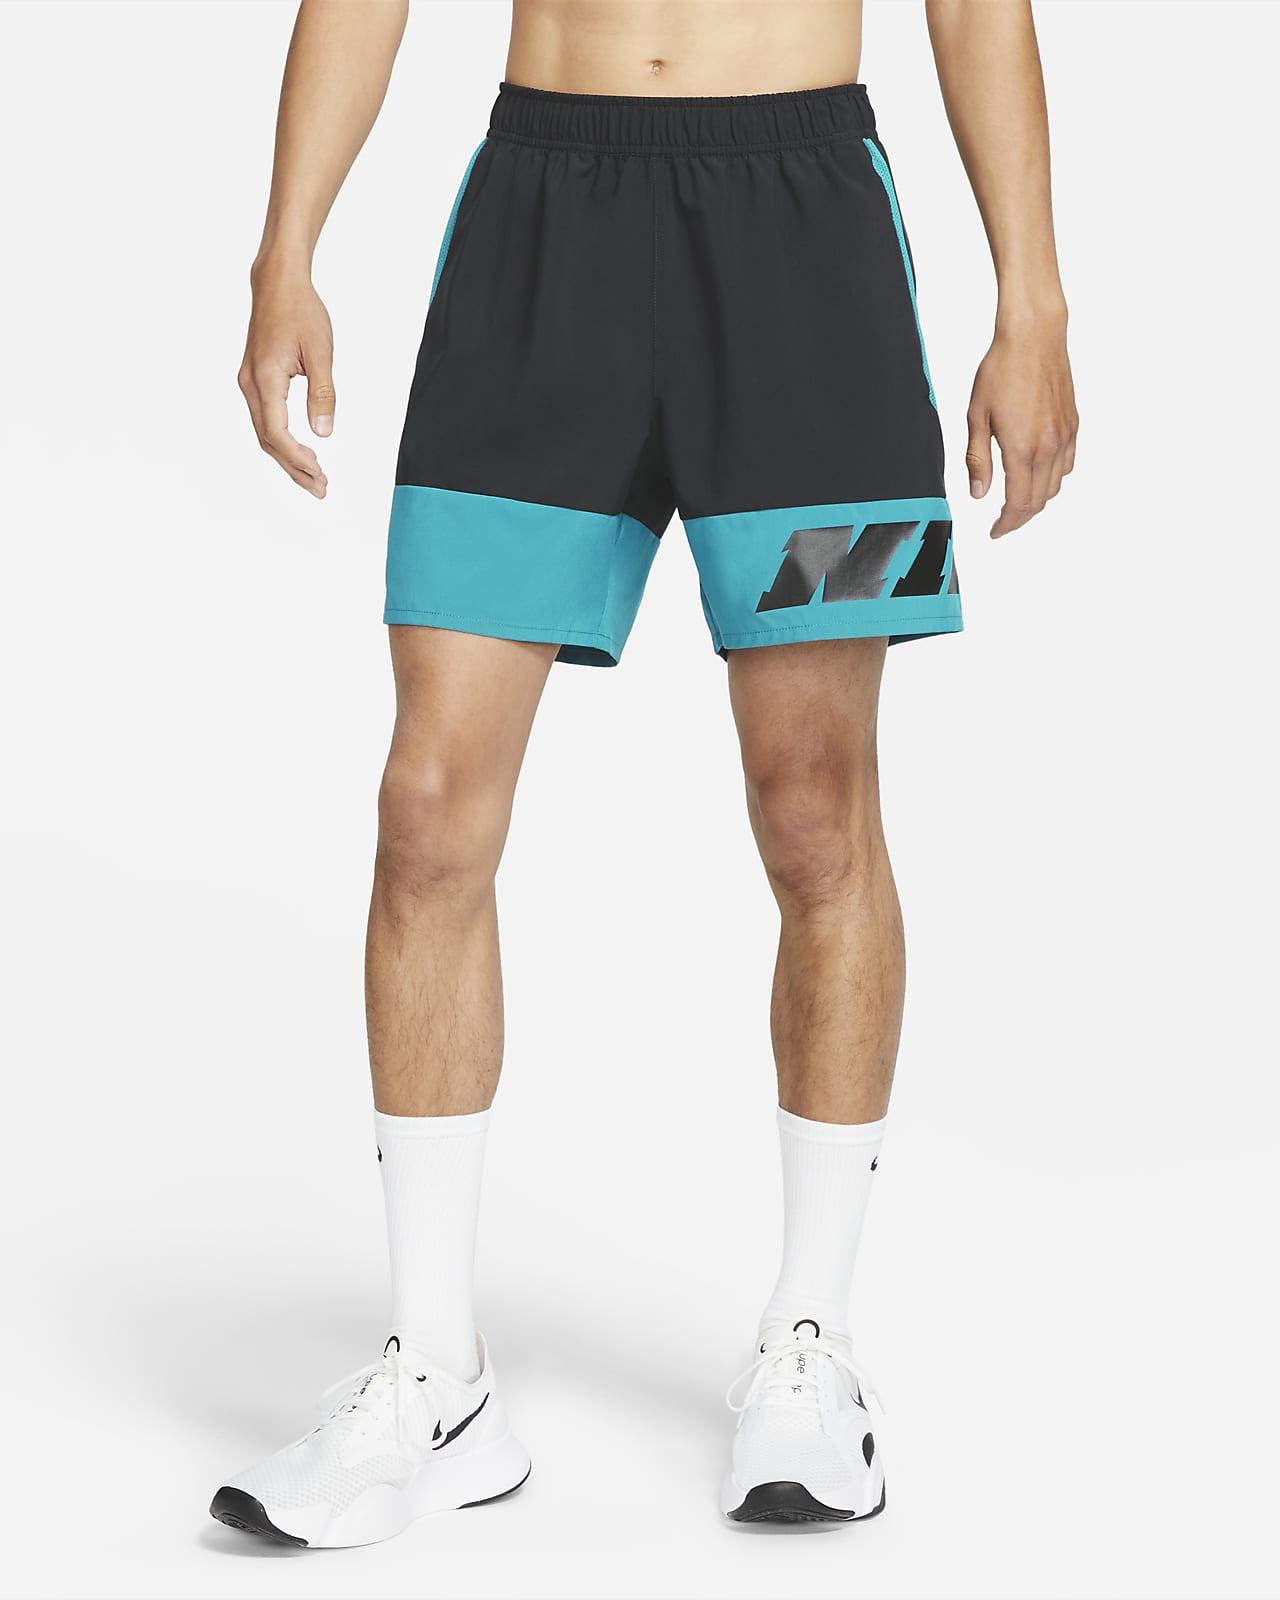 กางเกงเทรนนิ่งขาสั้นผู้ชาย Nike Sport Clash